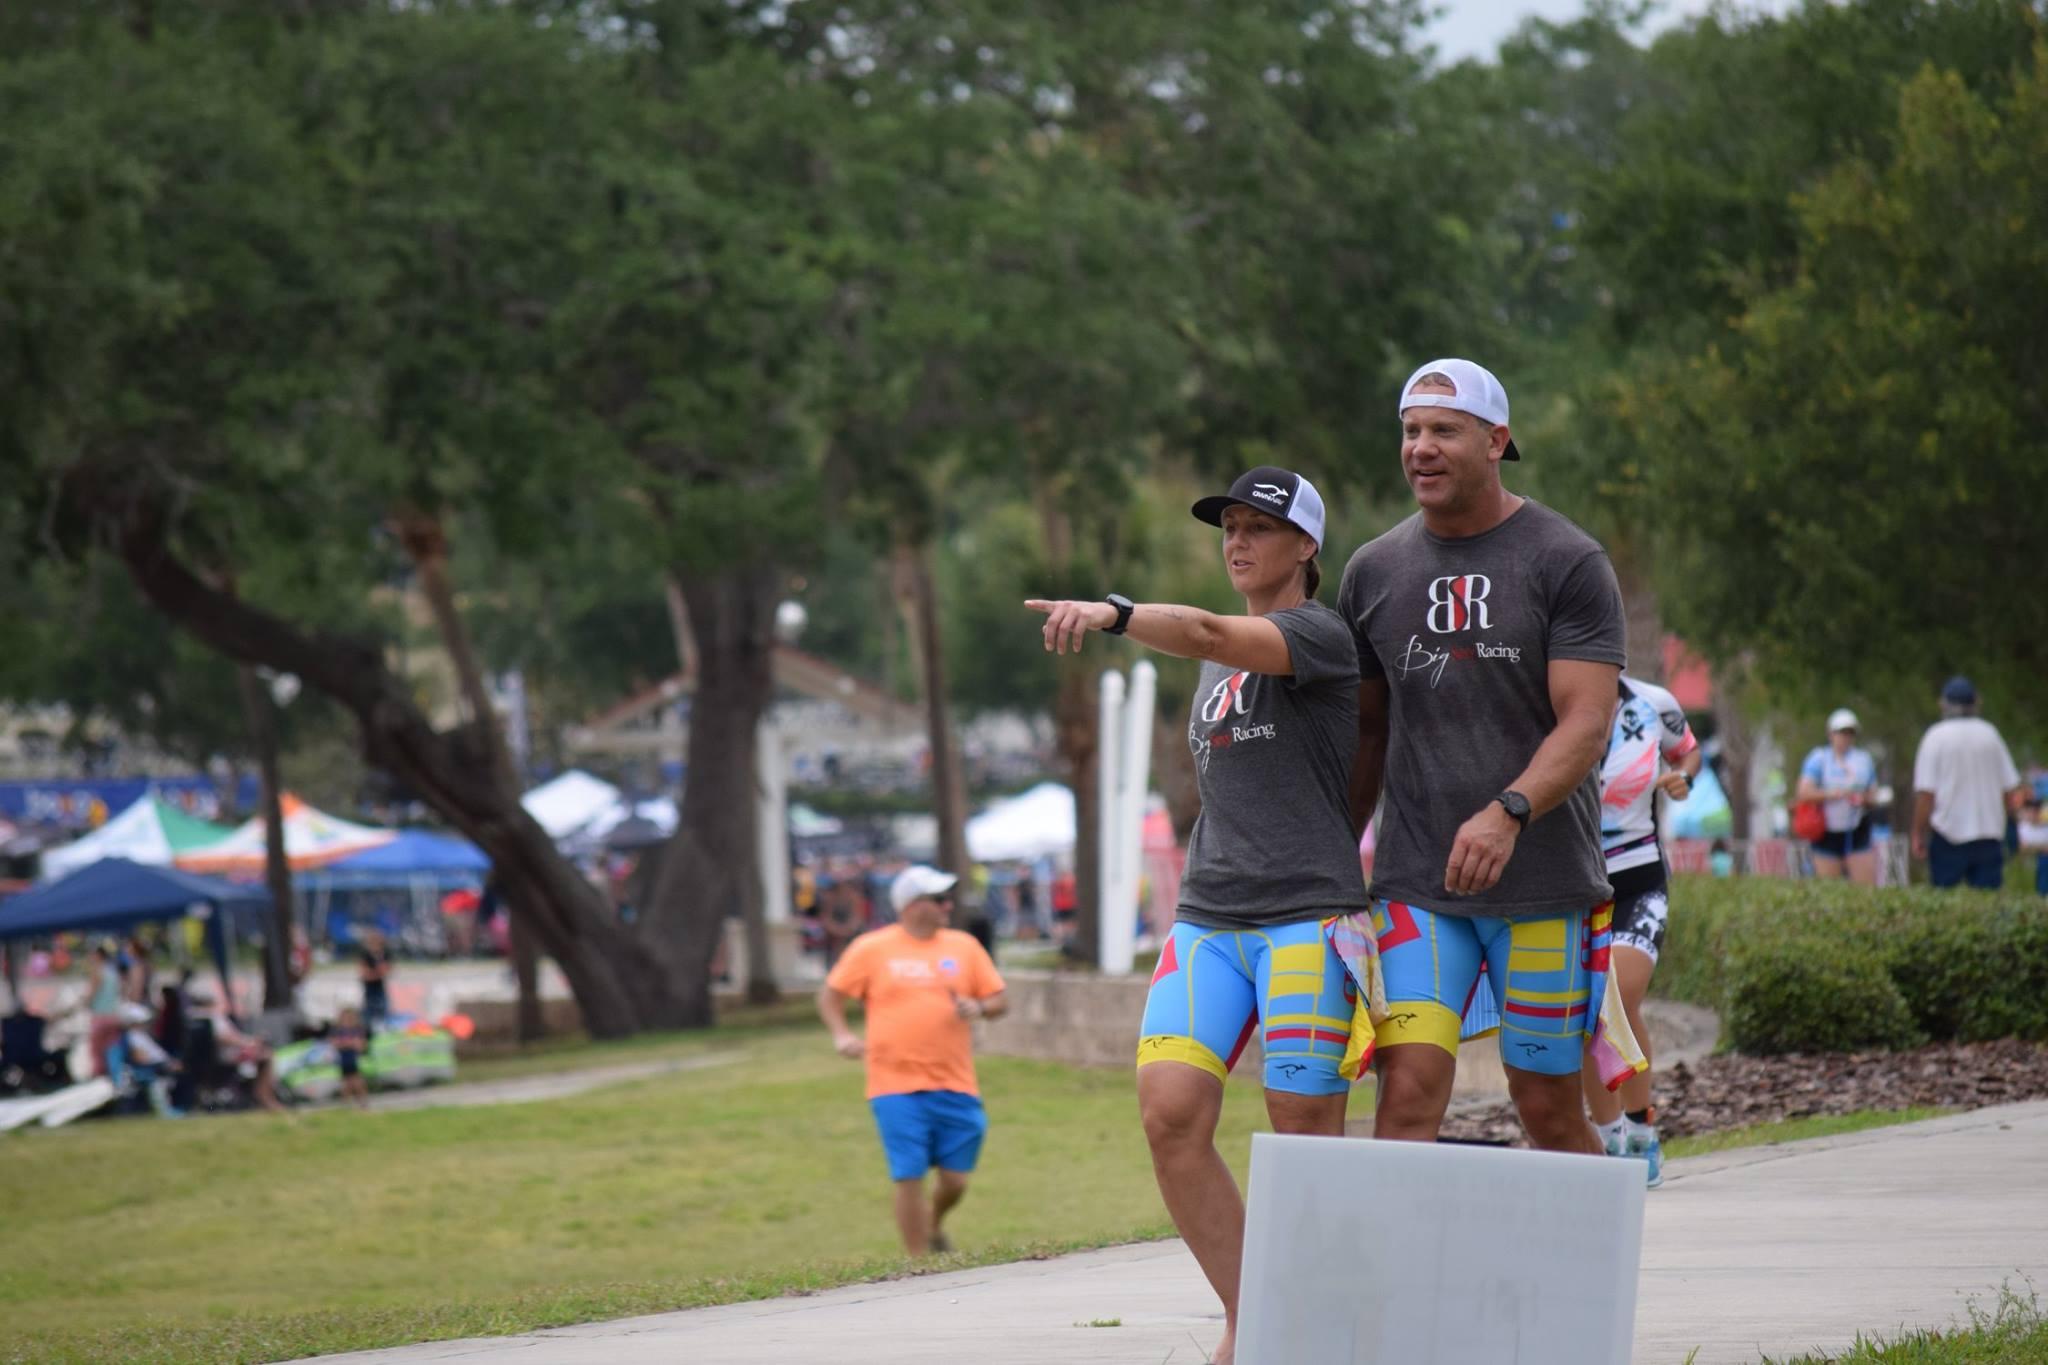 Coach_Terry_Wilson_Ben_Miller_Ironman_70.3_Haines_City_Run_Post_Race.jpg